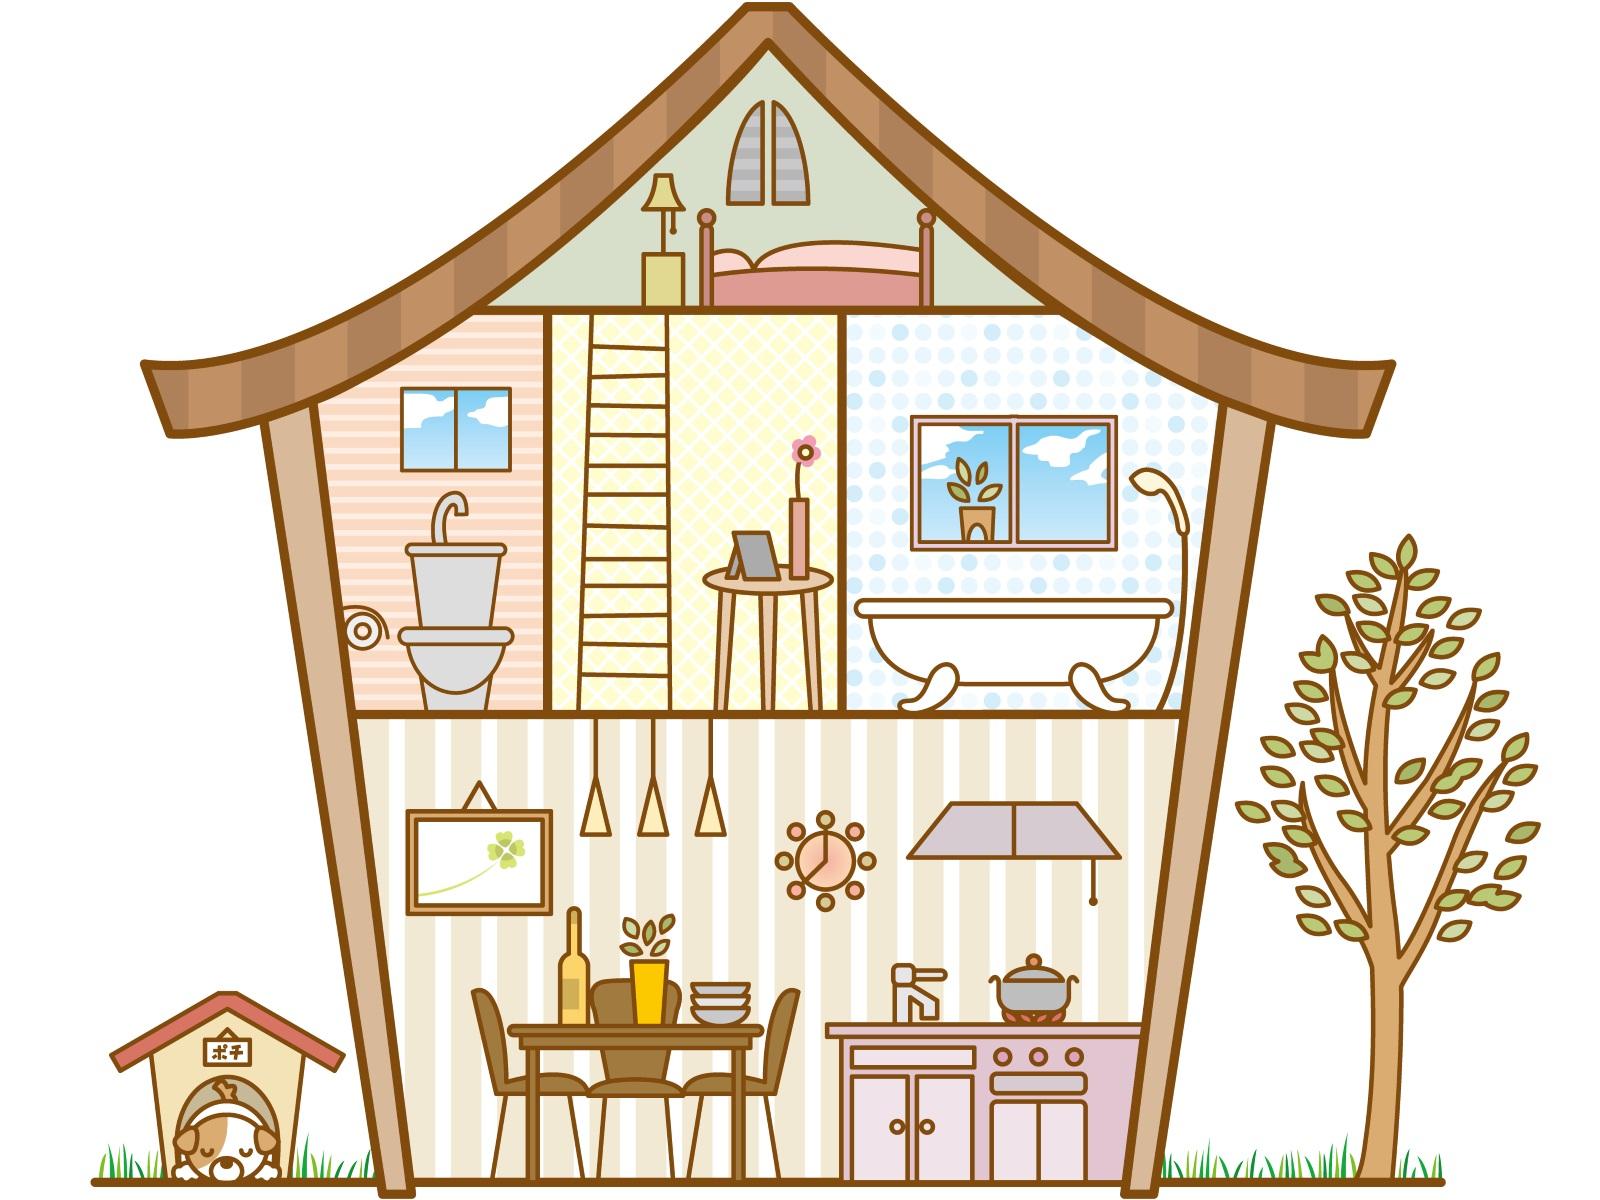 家の間取り図のイラスト